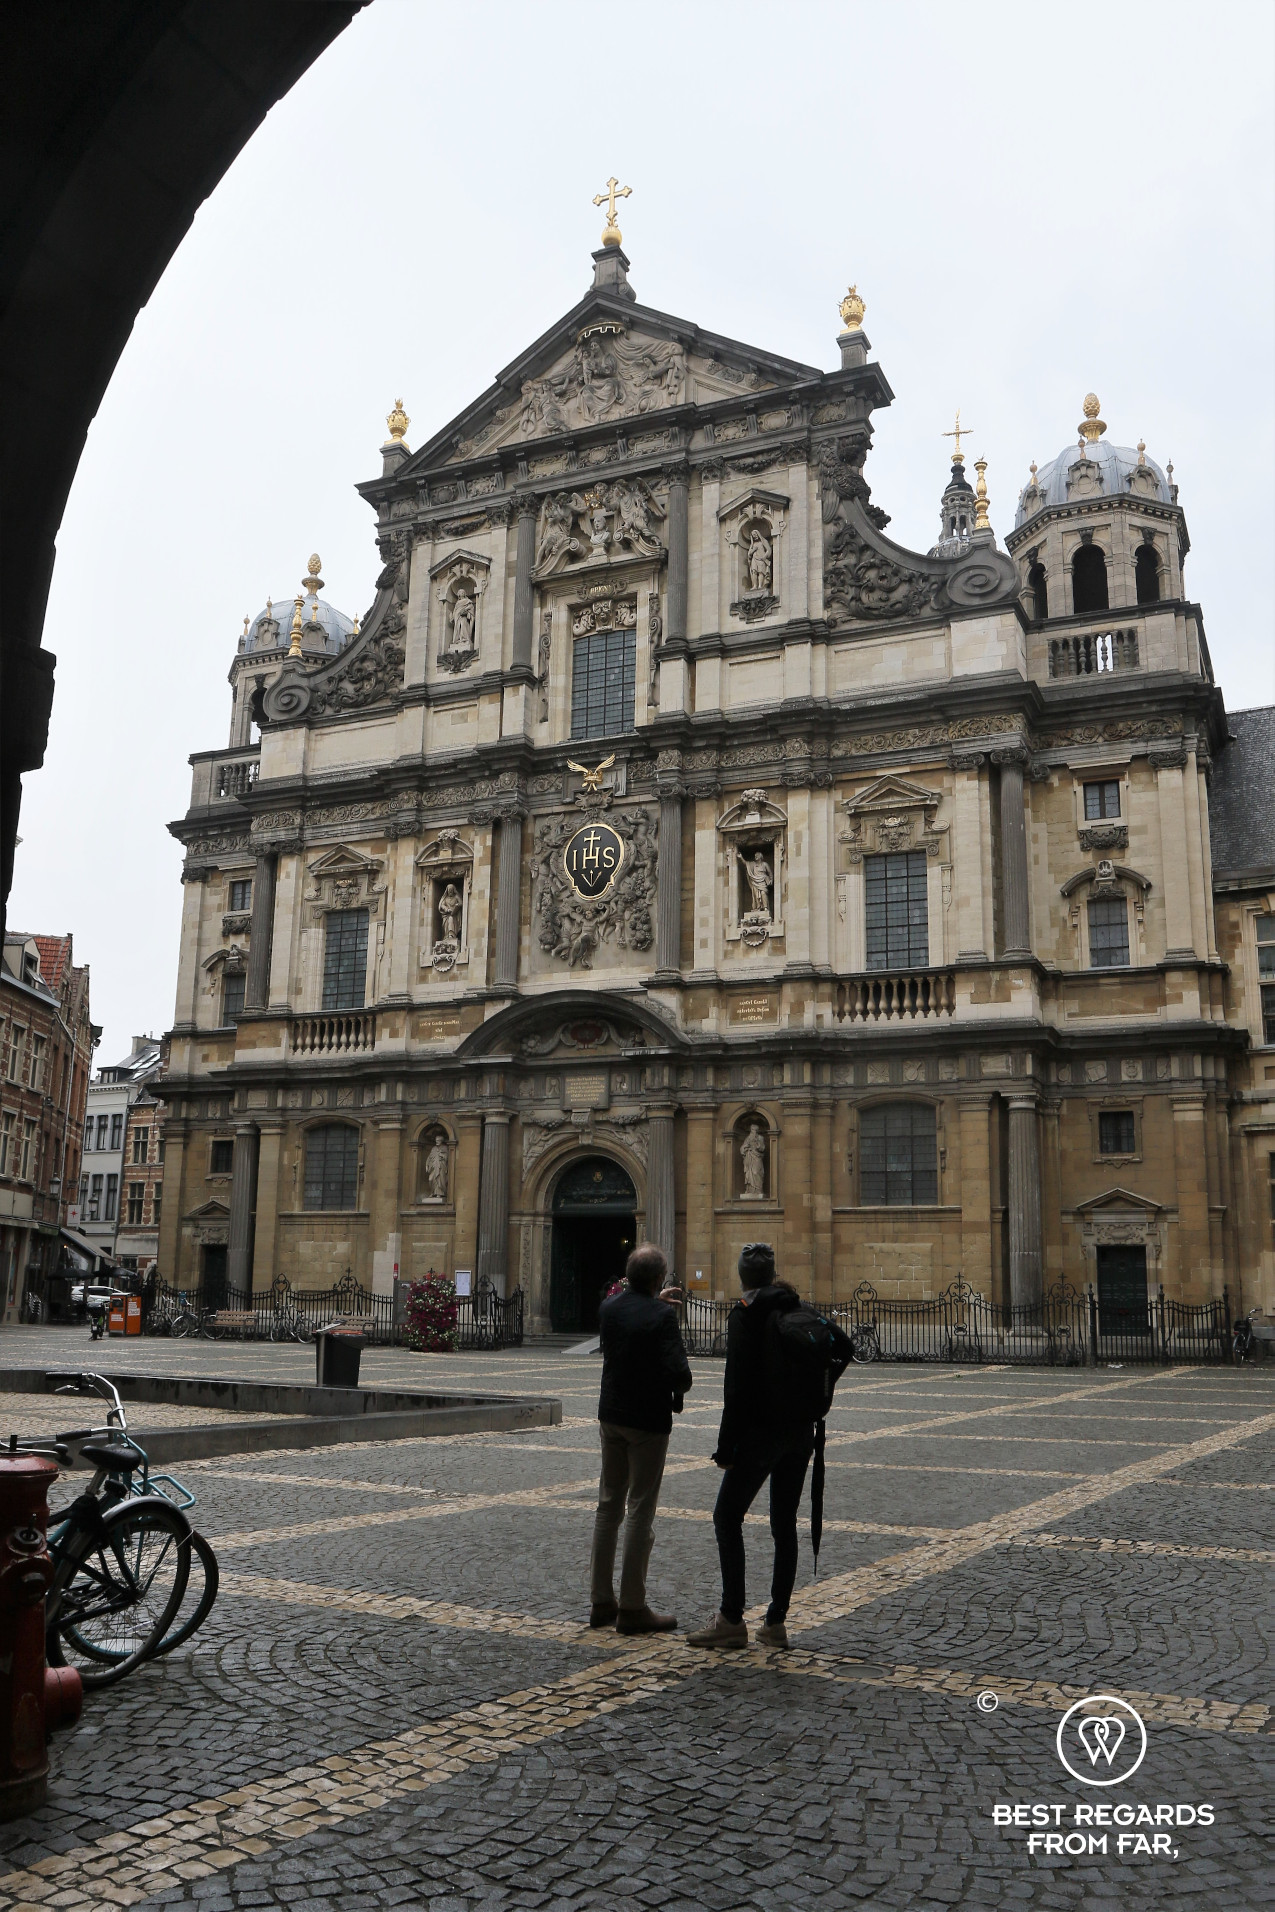 Baroque exterior of Saint Charles Borromeo Church, Antwerp